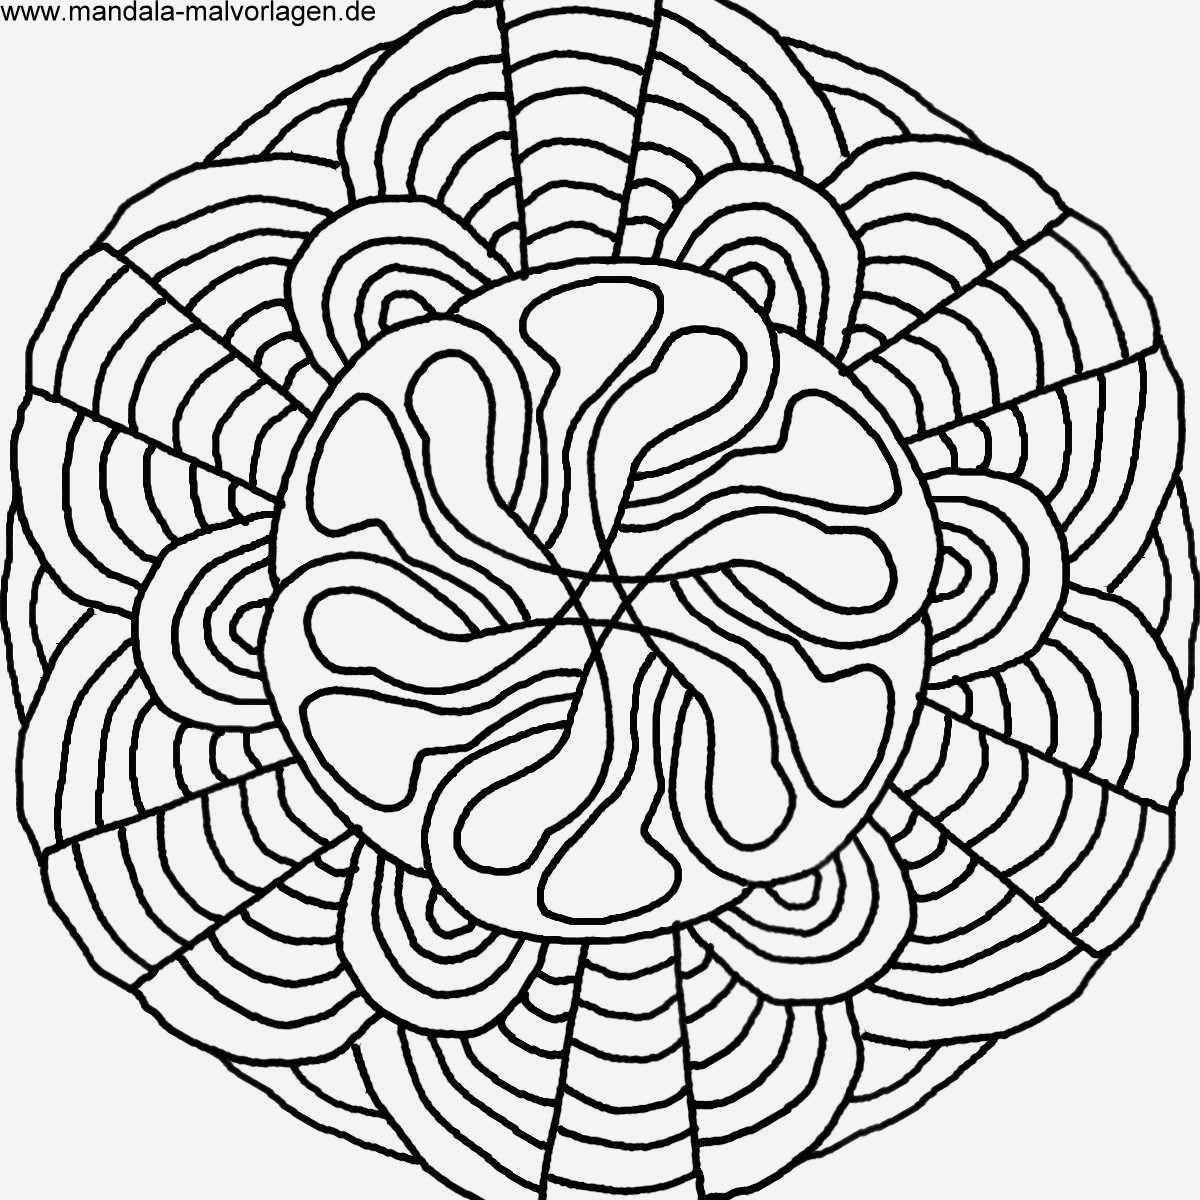 Ausmalbilder Mandala Herzen Neu Ausmalbilder Mandala Kostenlos Eule Bildergalerie & Bilder Zum Bild